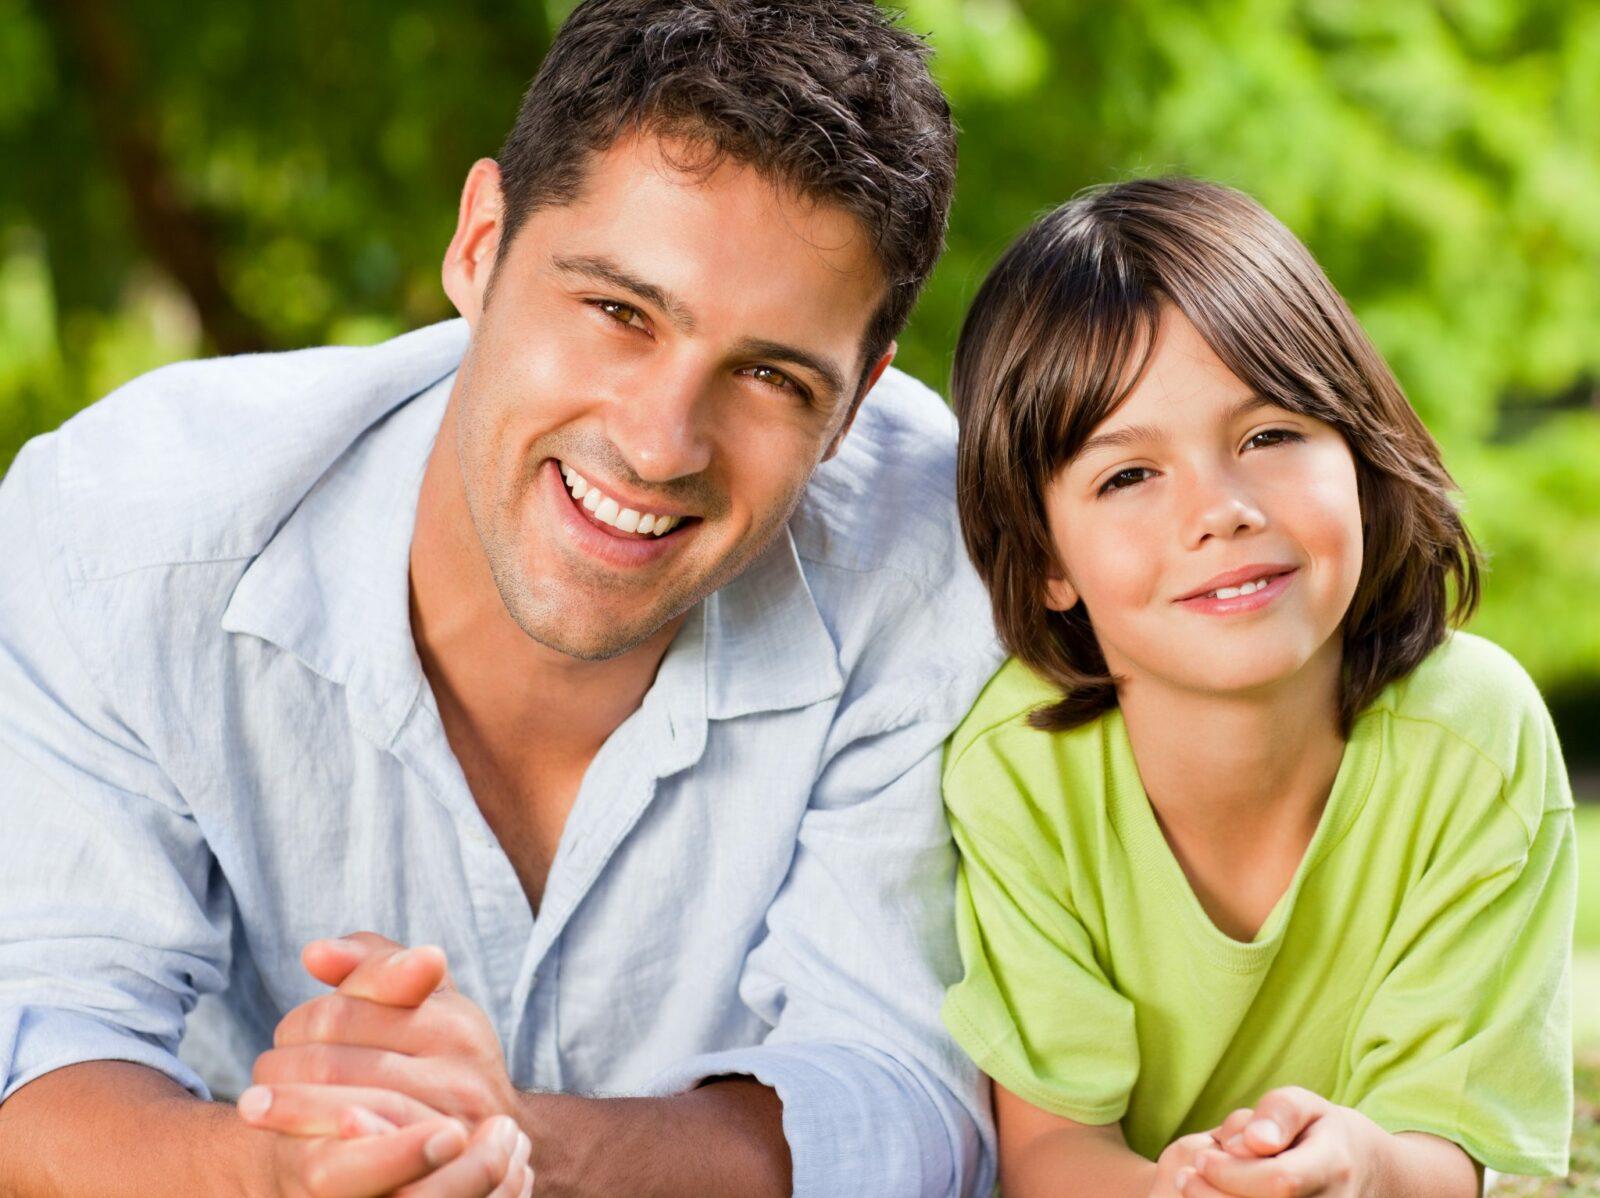 kiedy można zrobić badania ojcostwa, kiedy można zrobić badanie ojcostwa